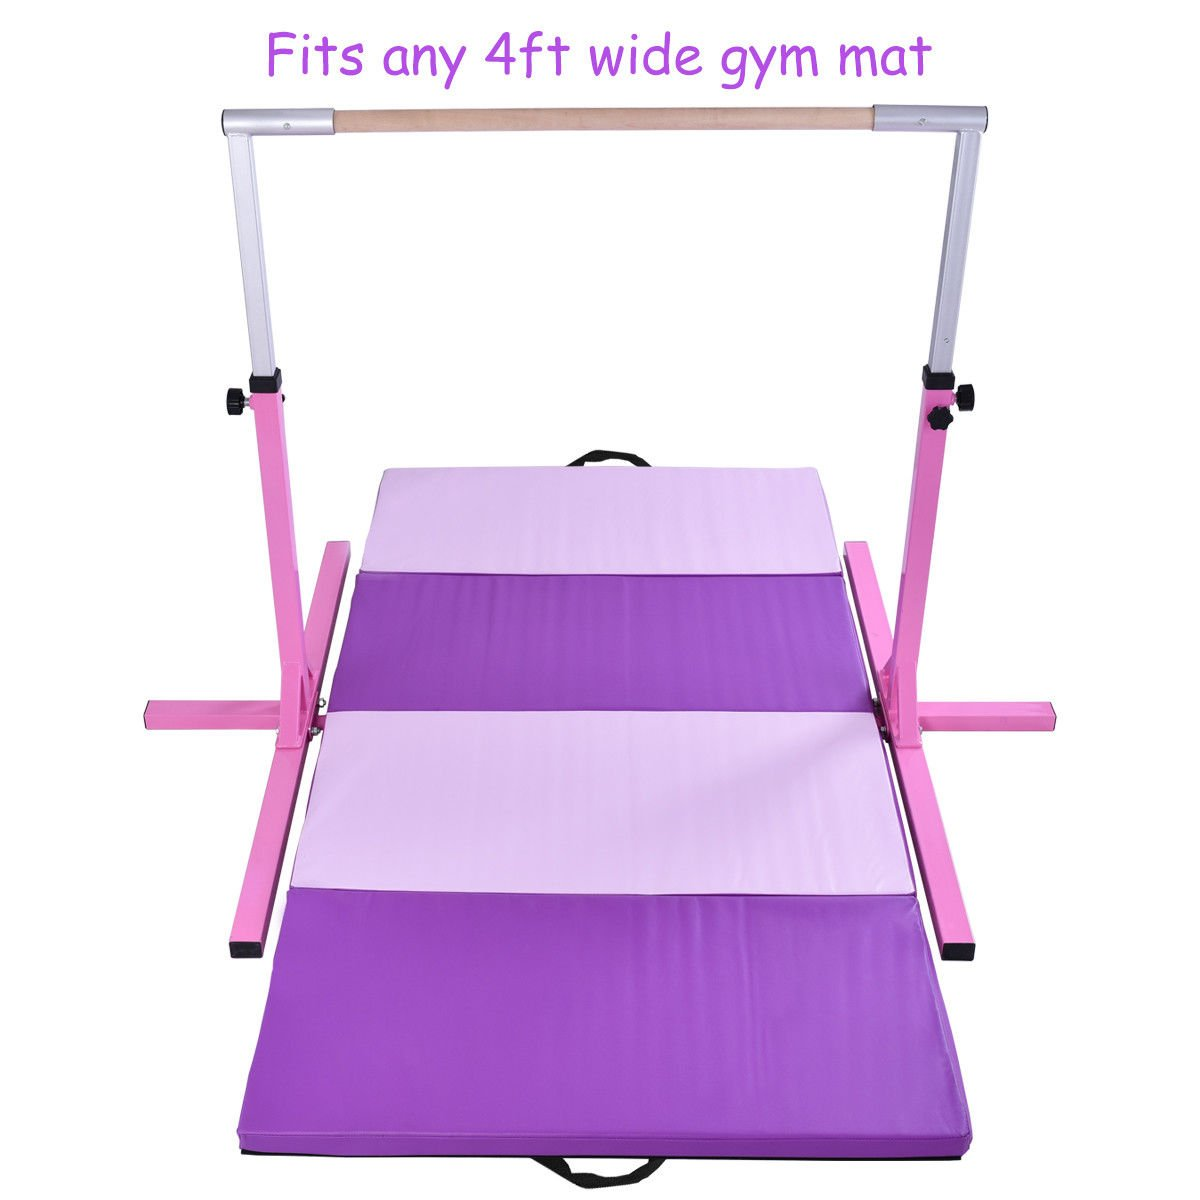 KCHEX>>水平トレーニングバー 4フィートx8フィートx2 体操マット 折りたたみパネル フィットネスエクササイズ >これは当社の新しく体操セットで、水平トレーニングバーと体操用具が含まれます。